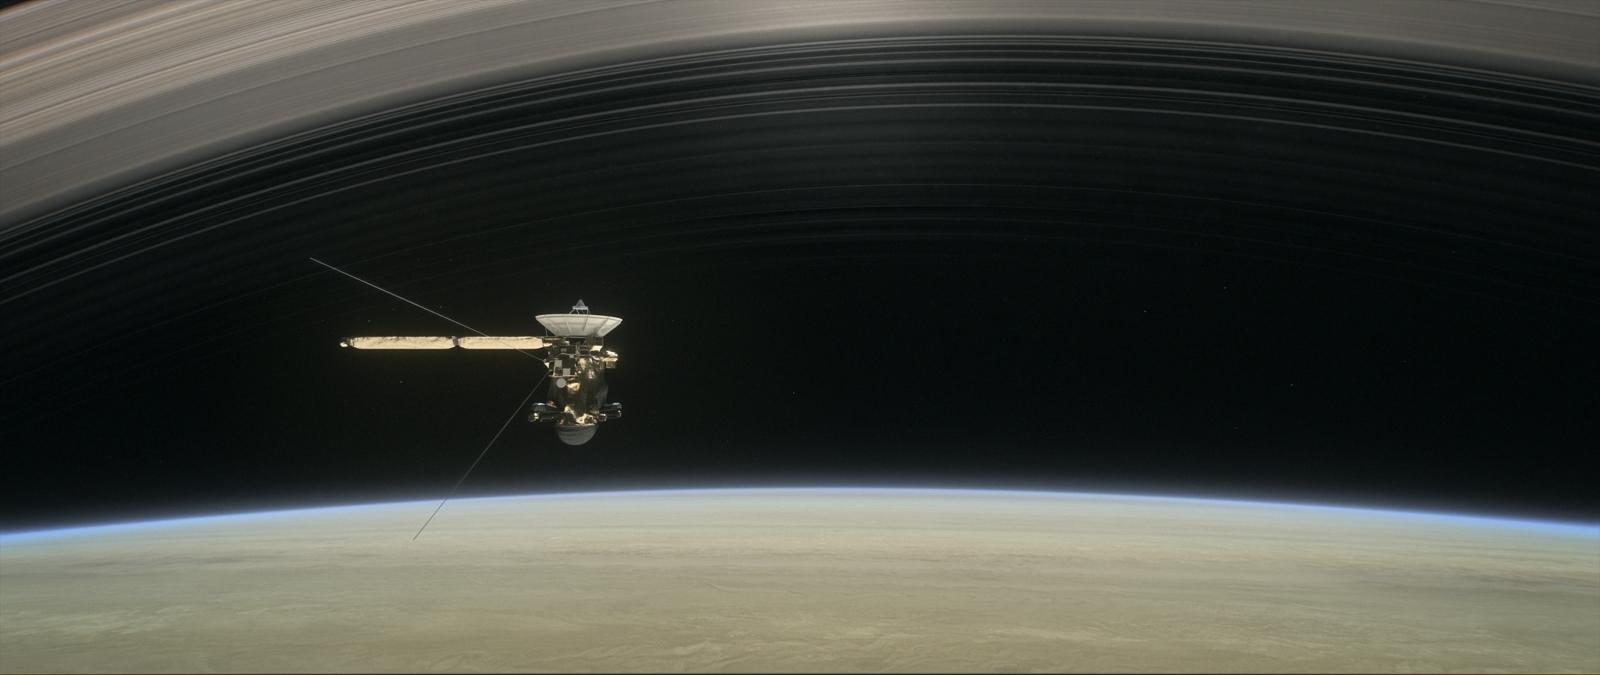 Cassini over Saturn